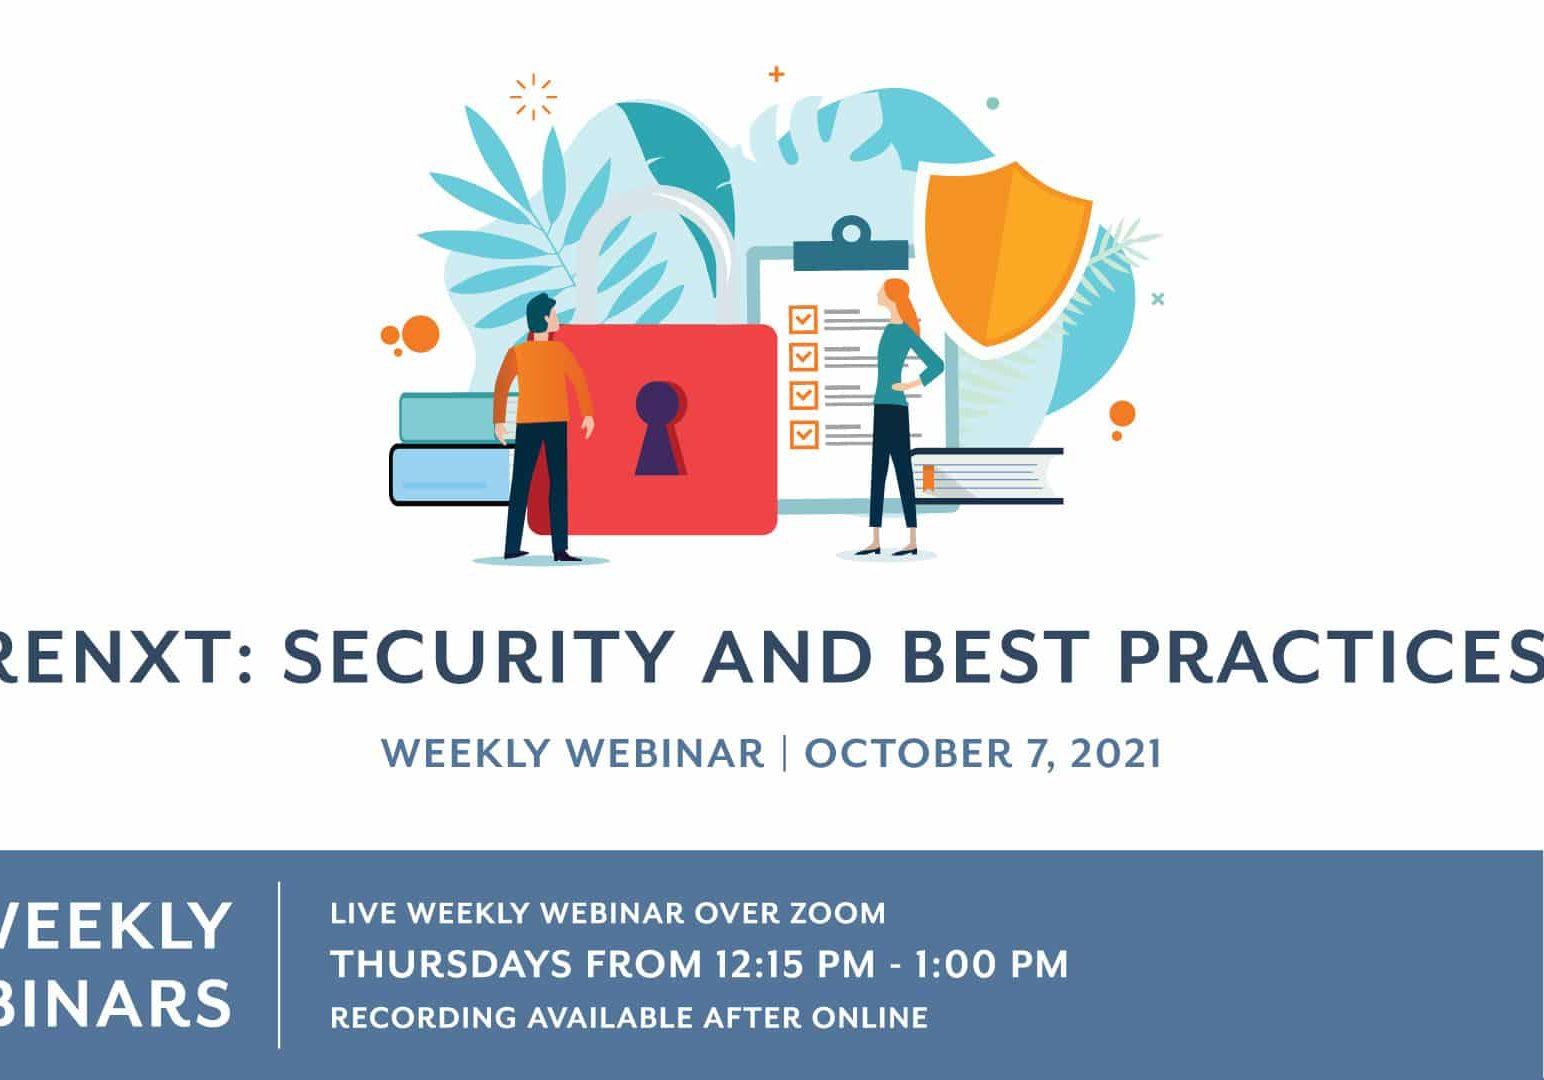 RENXT Securities and Best Practices